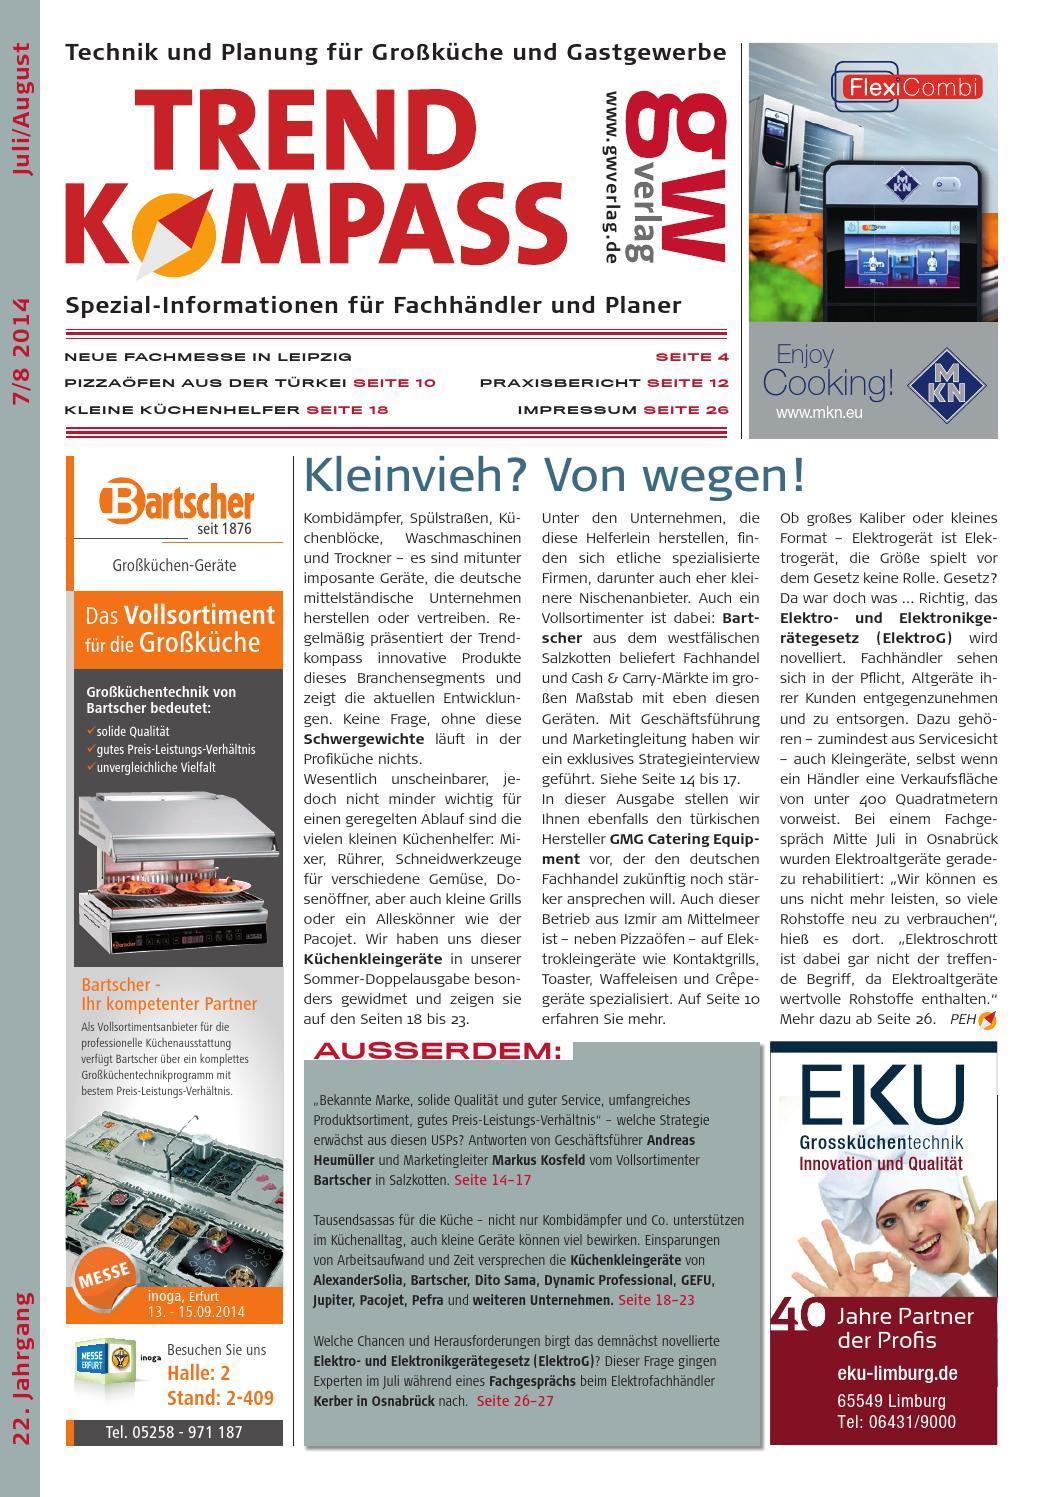 Lieblich Trendkompass 7.8/14 By GW VERLAG   Issuu